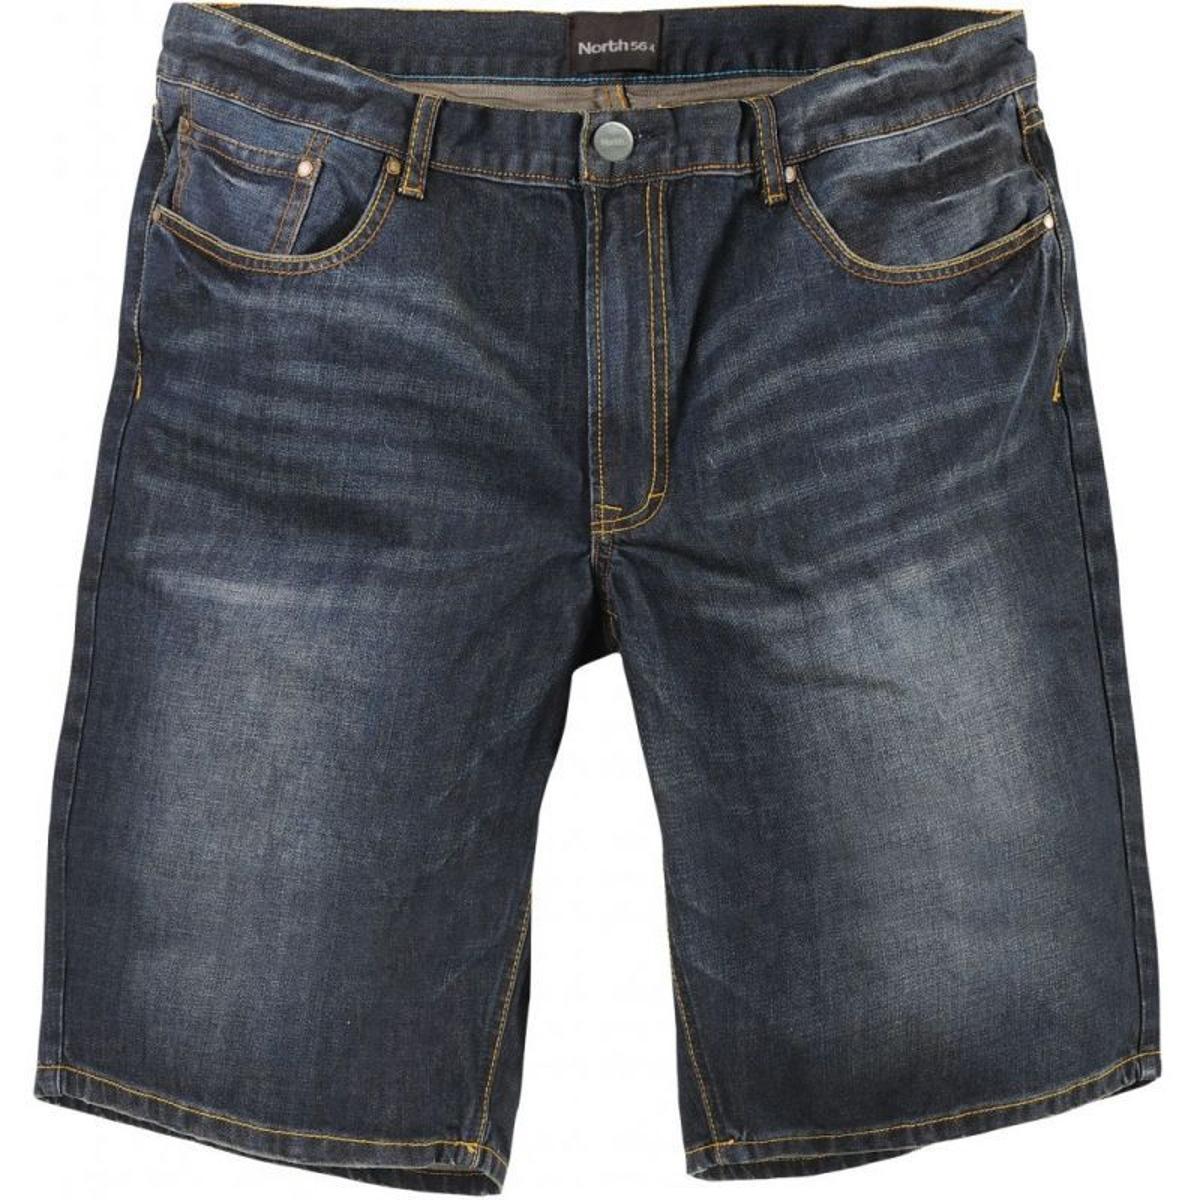 Short en jean north bleu délavé